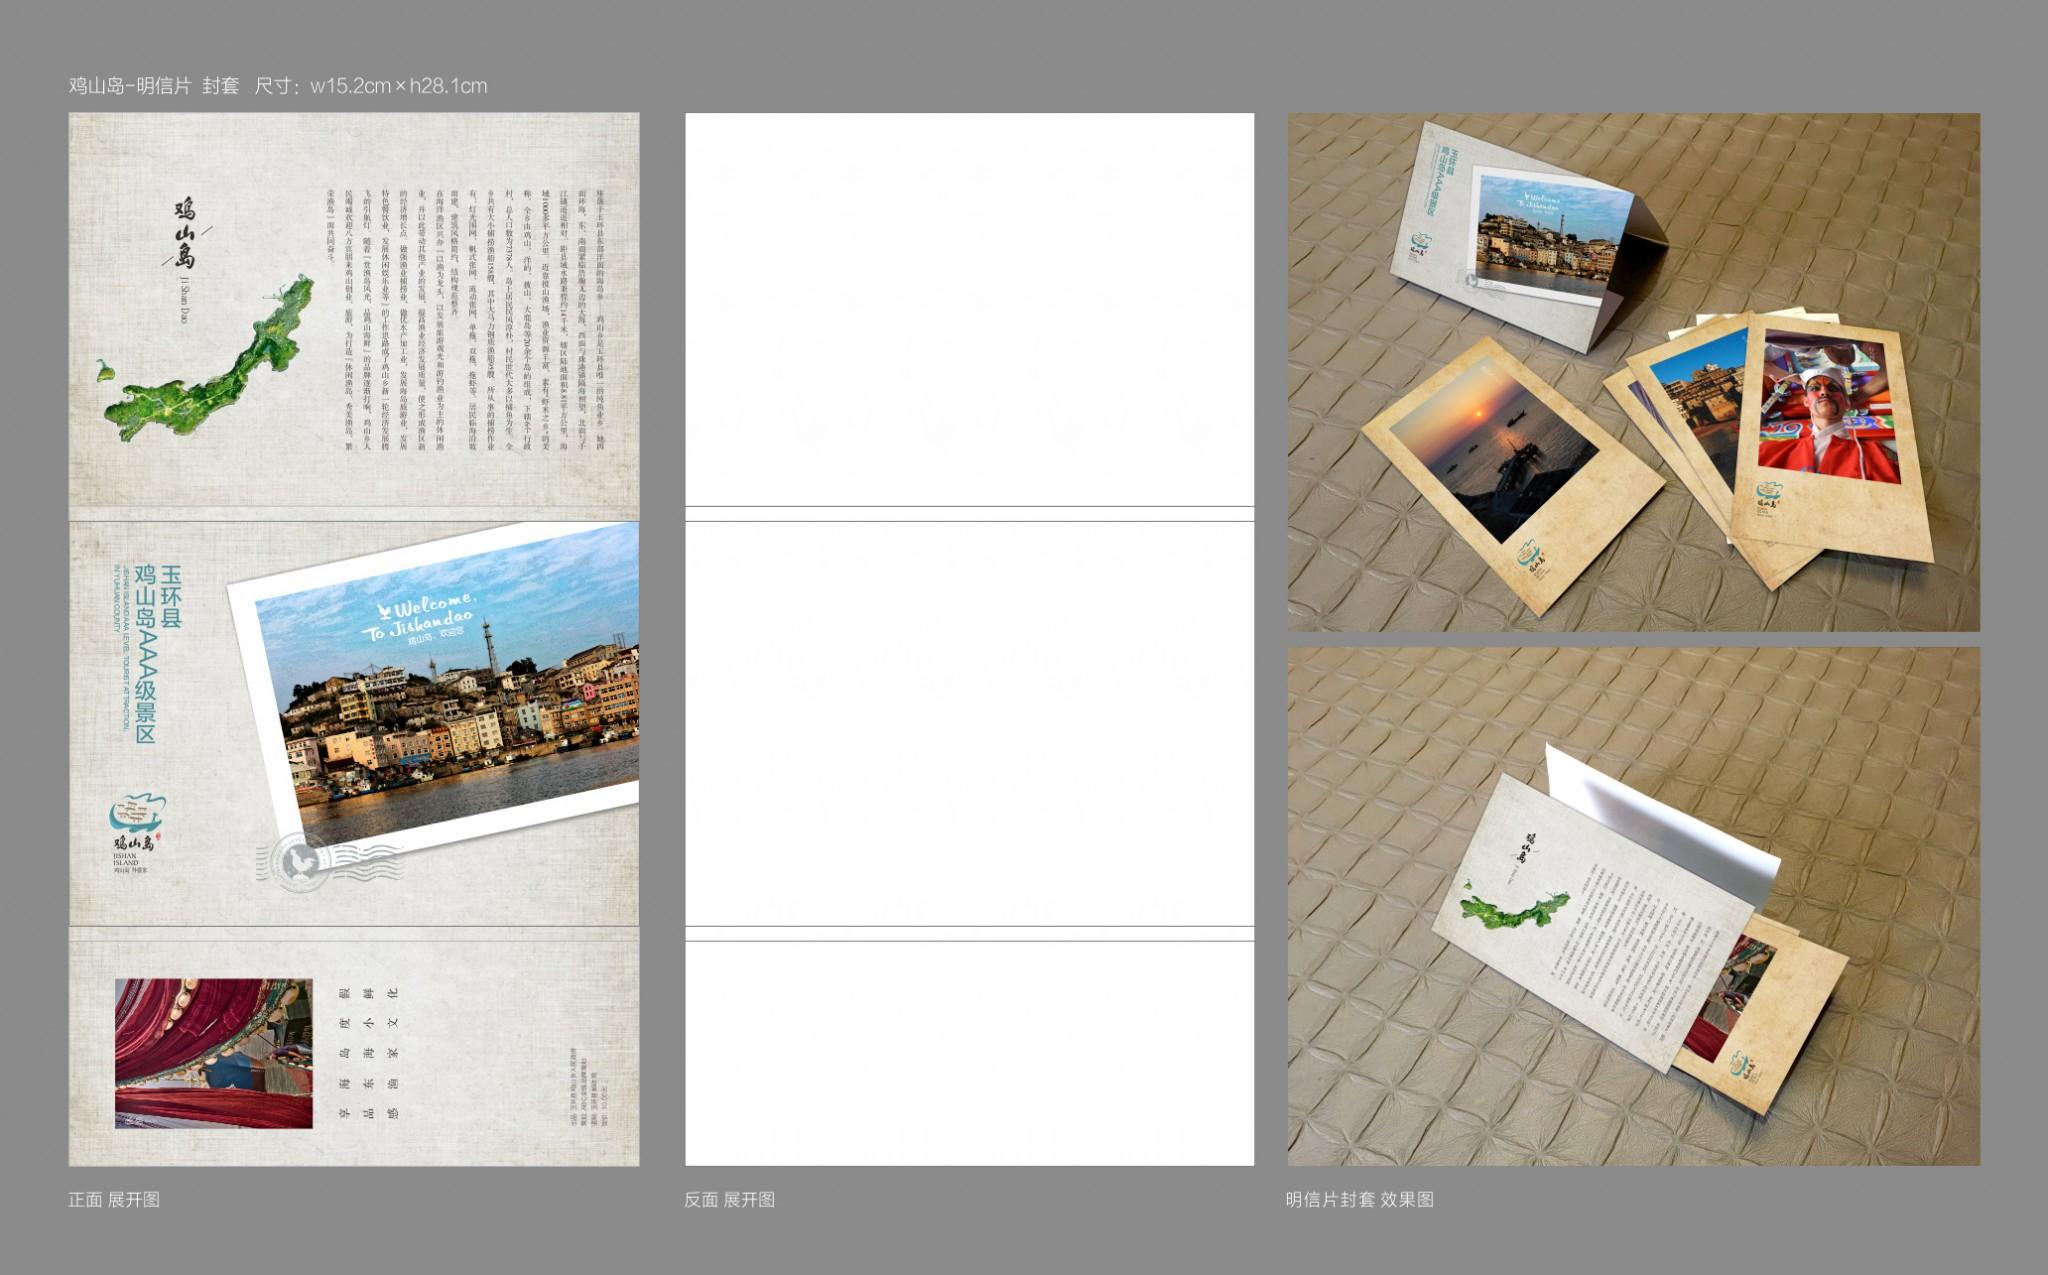 鸡山岛-VIS设计应用部分4